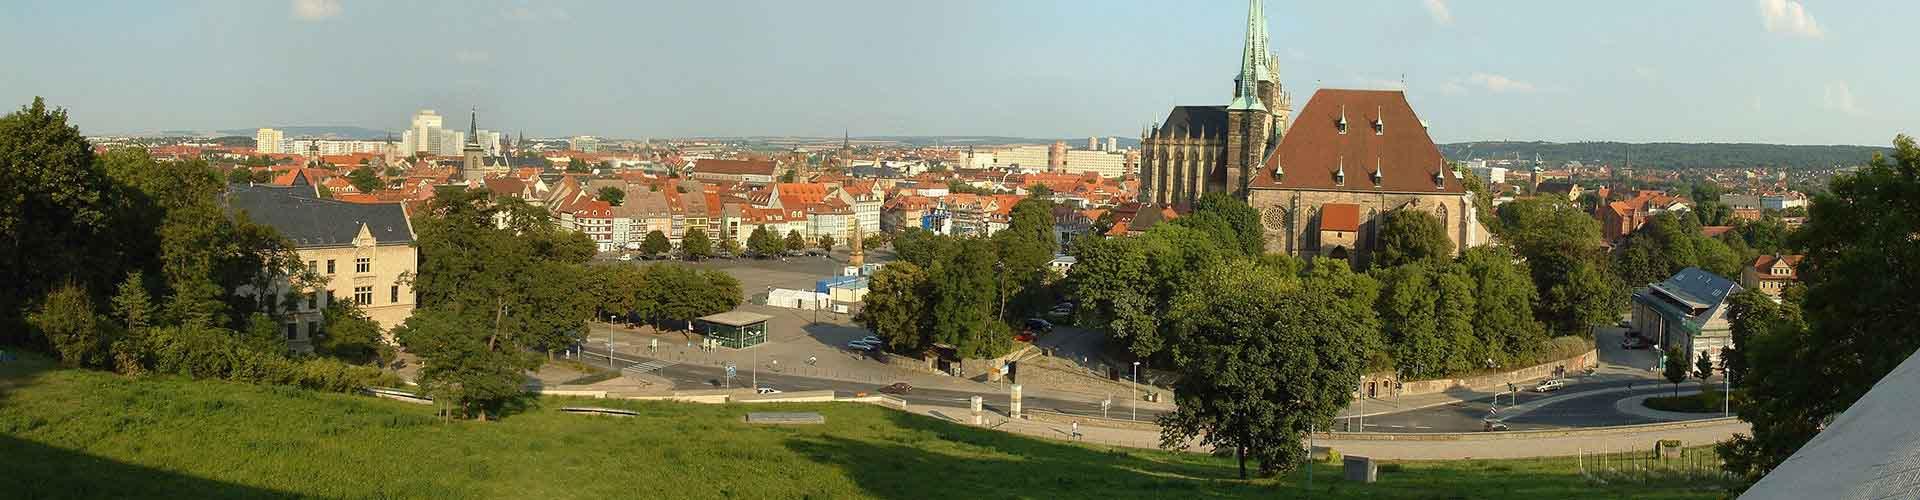 Erfurt - Apartamentos en Erfurt. Mapas de Erfurt, Fotos y comentarios de cada Apartamento en Erfurt.